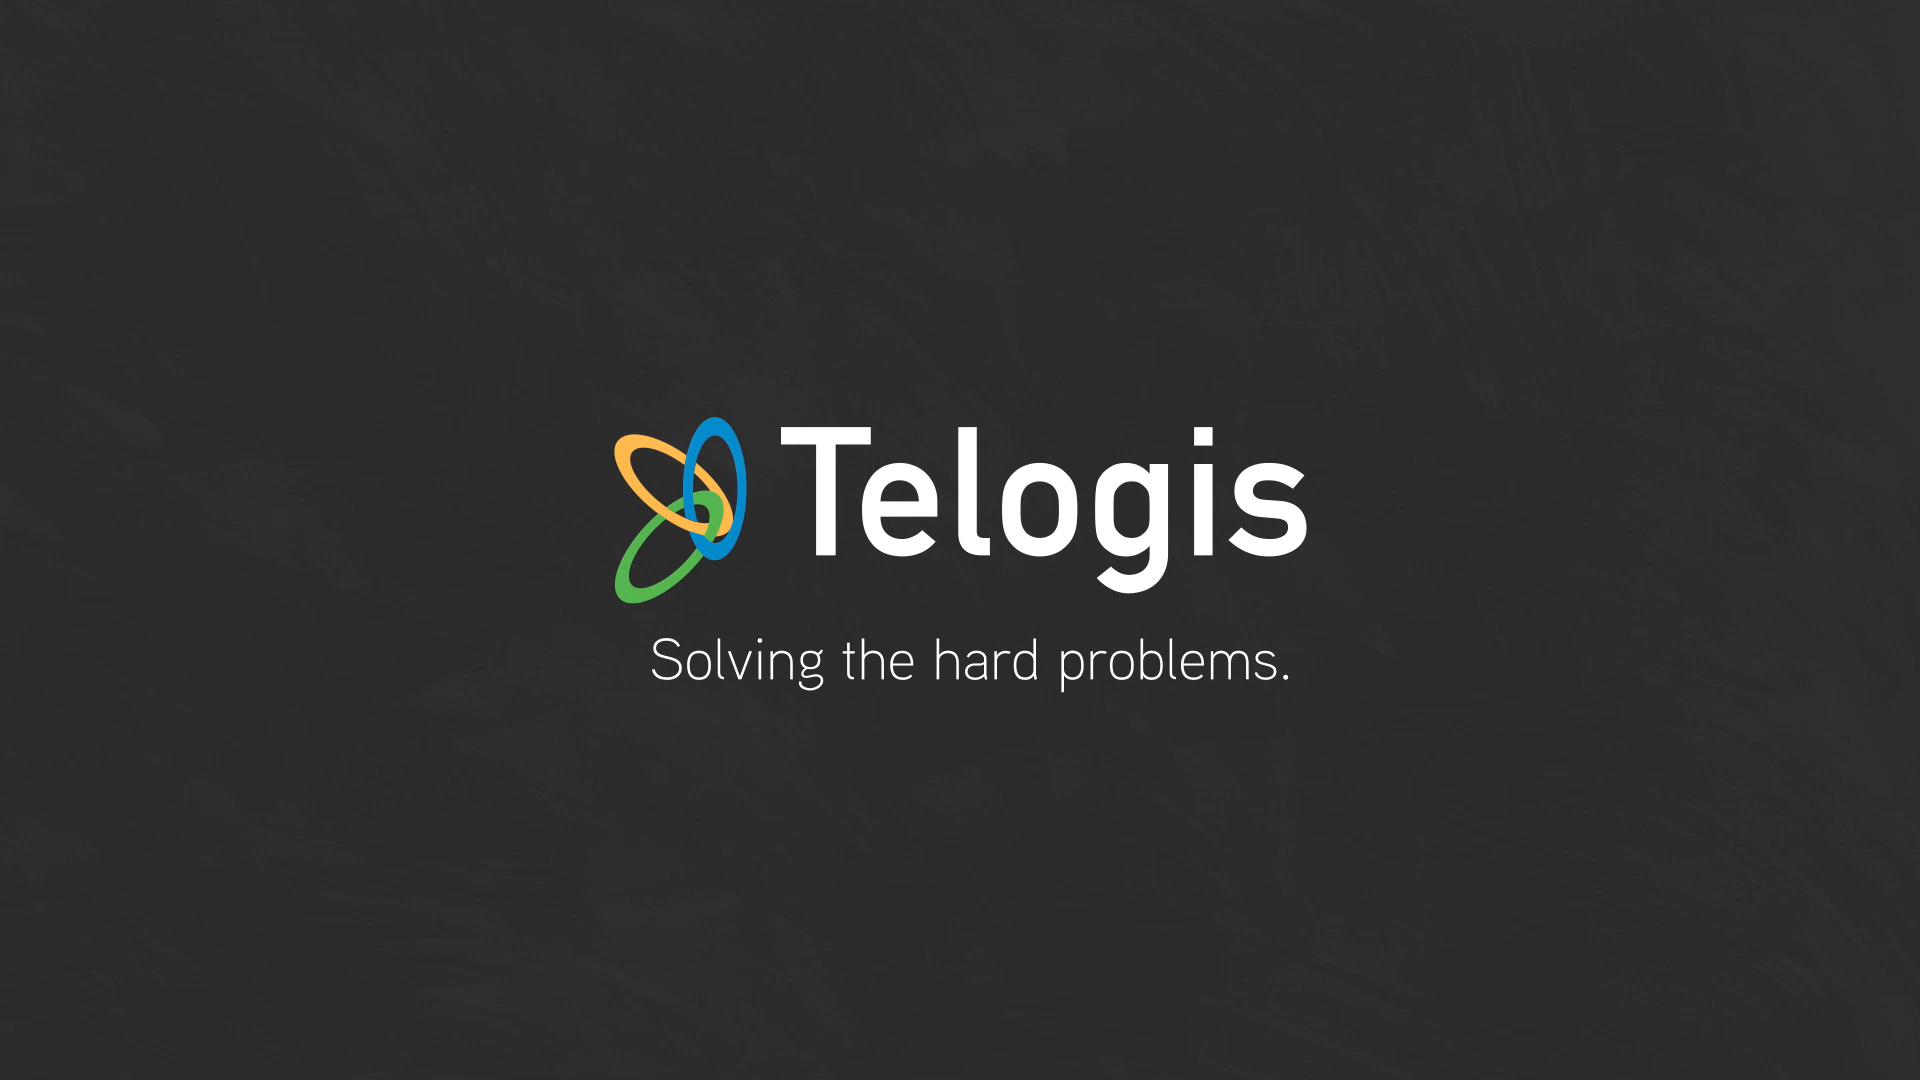 Stills Telogis07.jpg